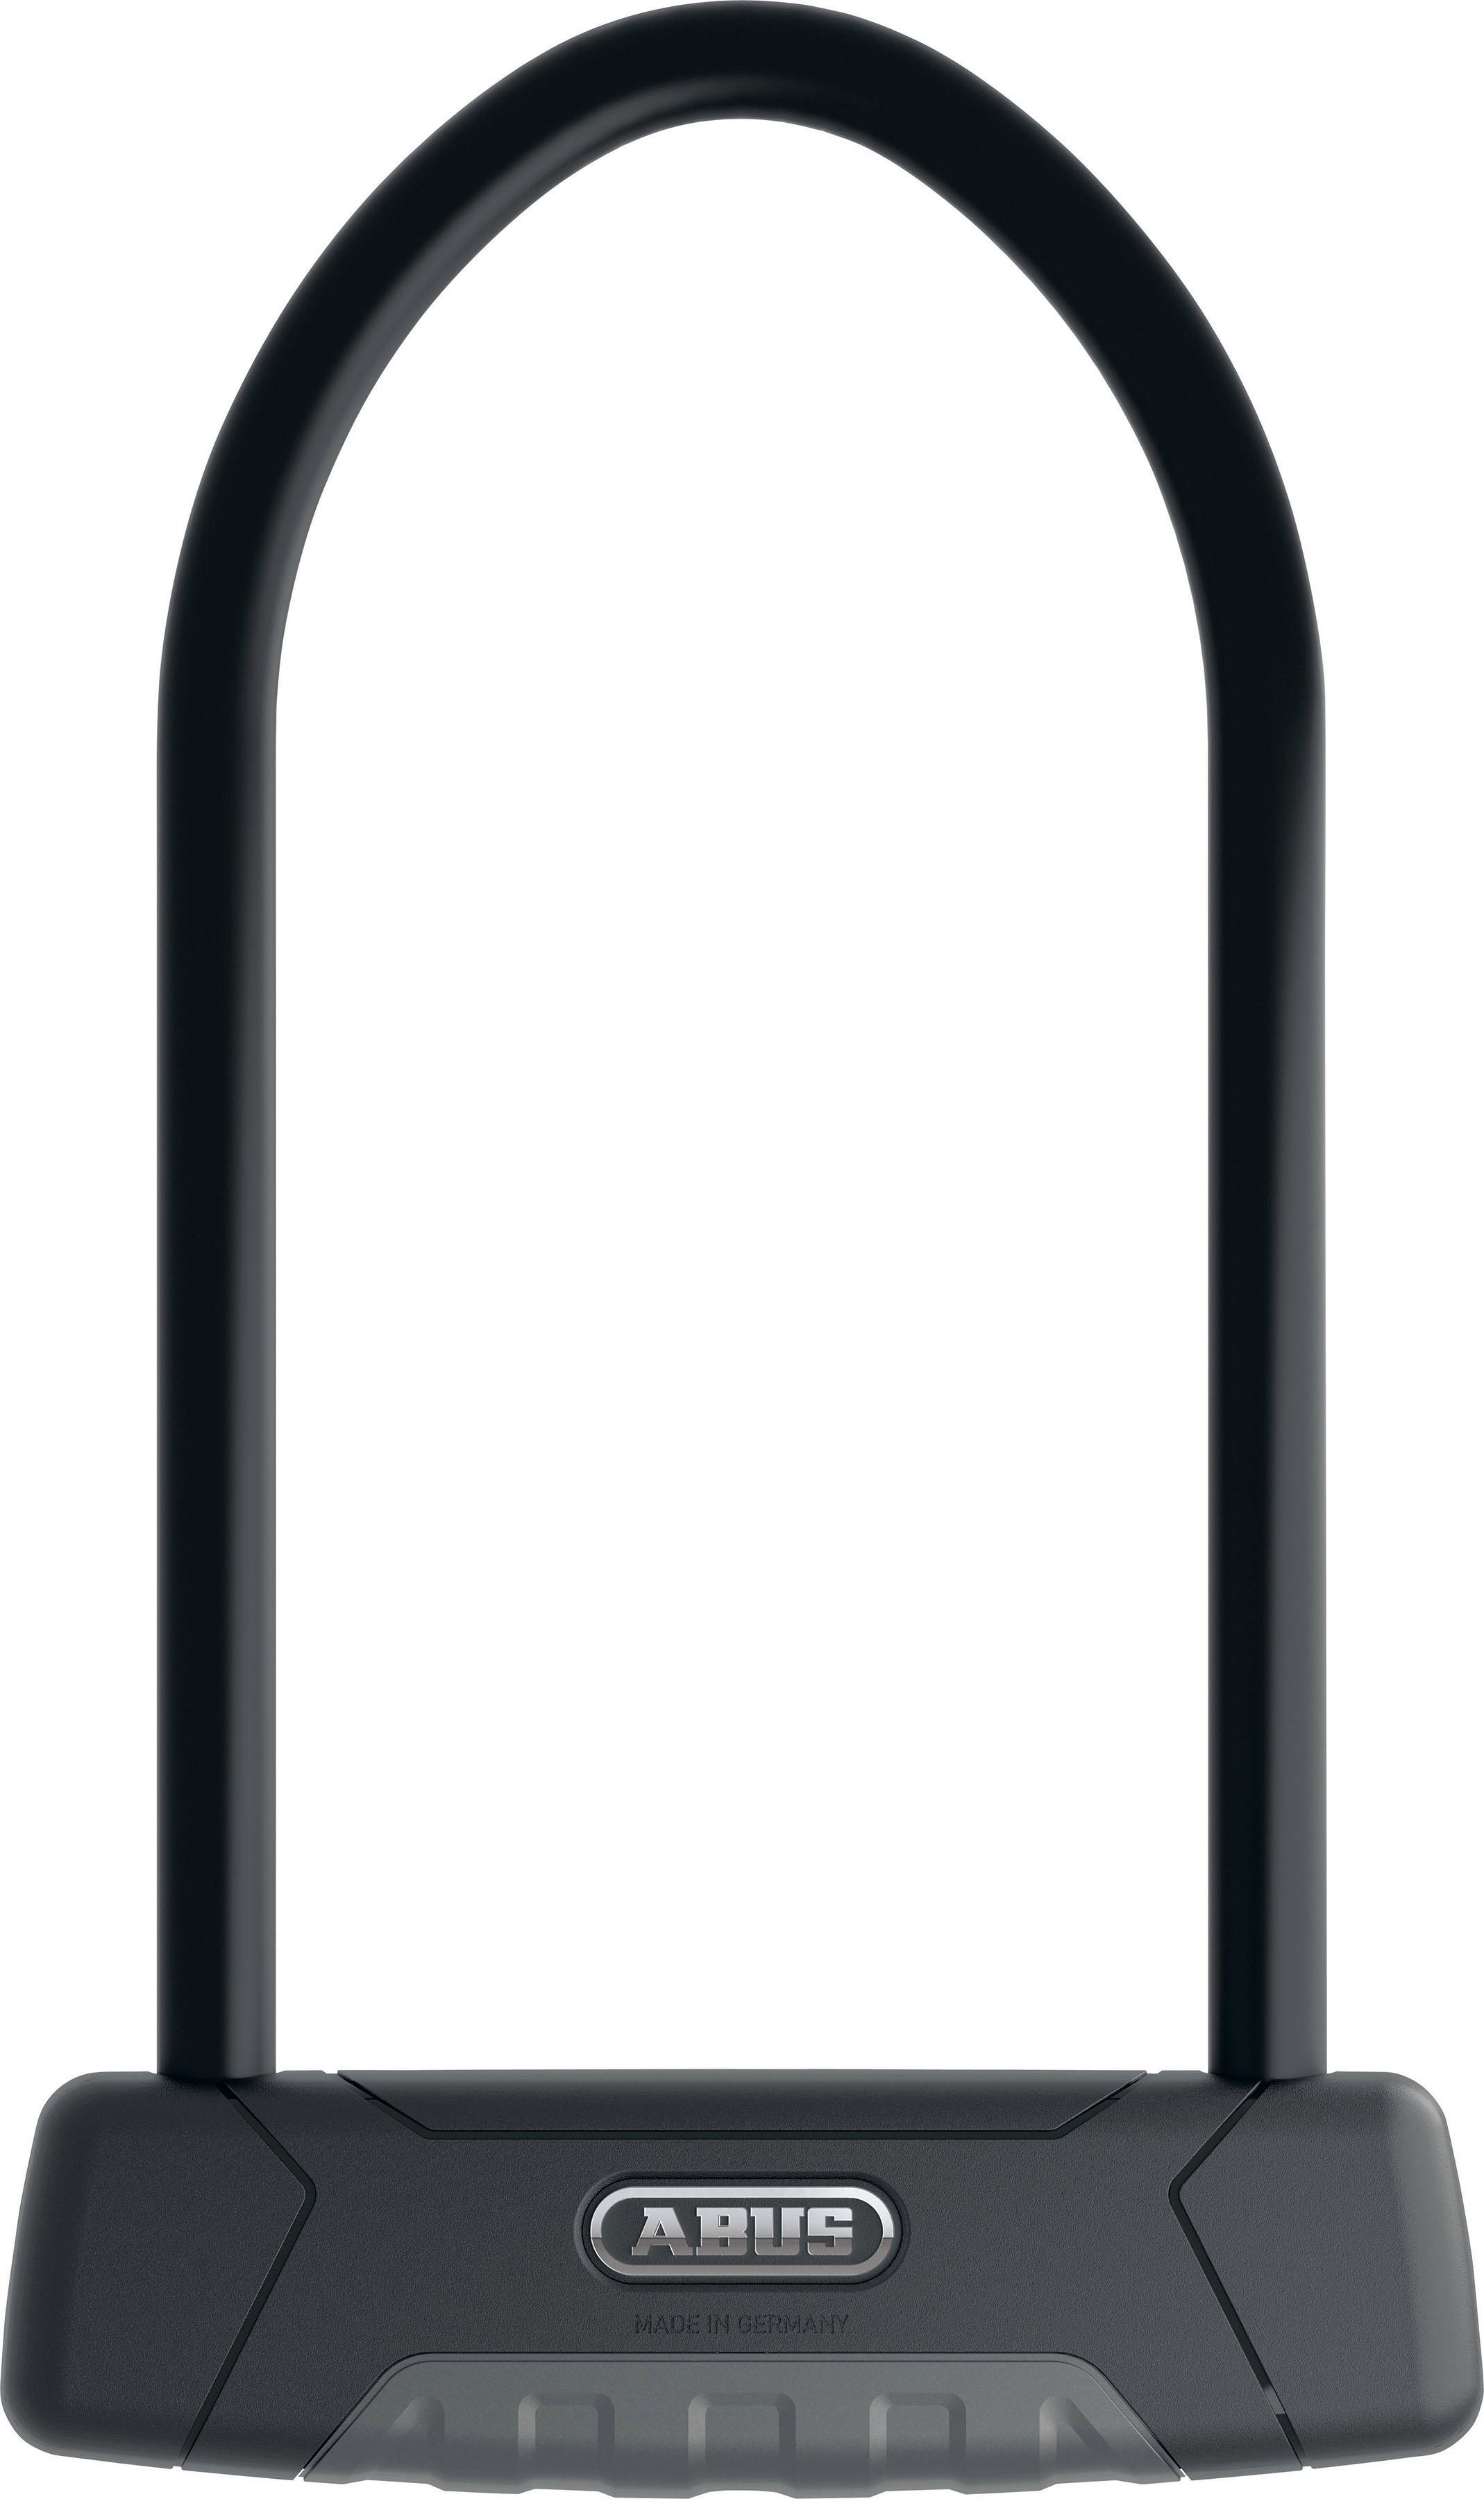 ABUS Bügelschloss 470/150HB300+EaZy KF Technik & Freizeit/Sport & Freizeit/Fahrräder & Zubehör/Fahrradzubehör/Fahrradschlösser